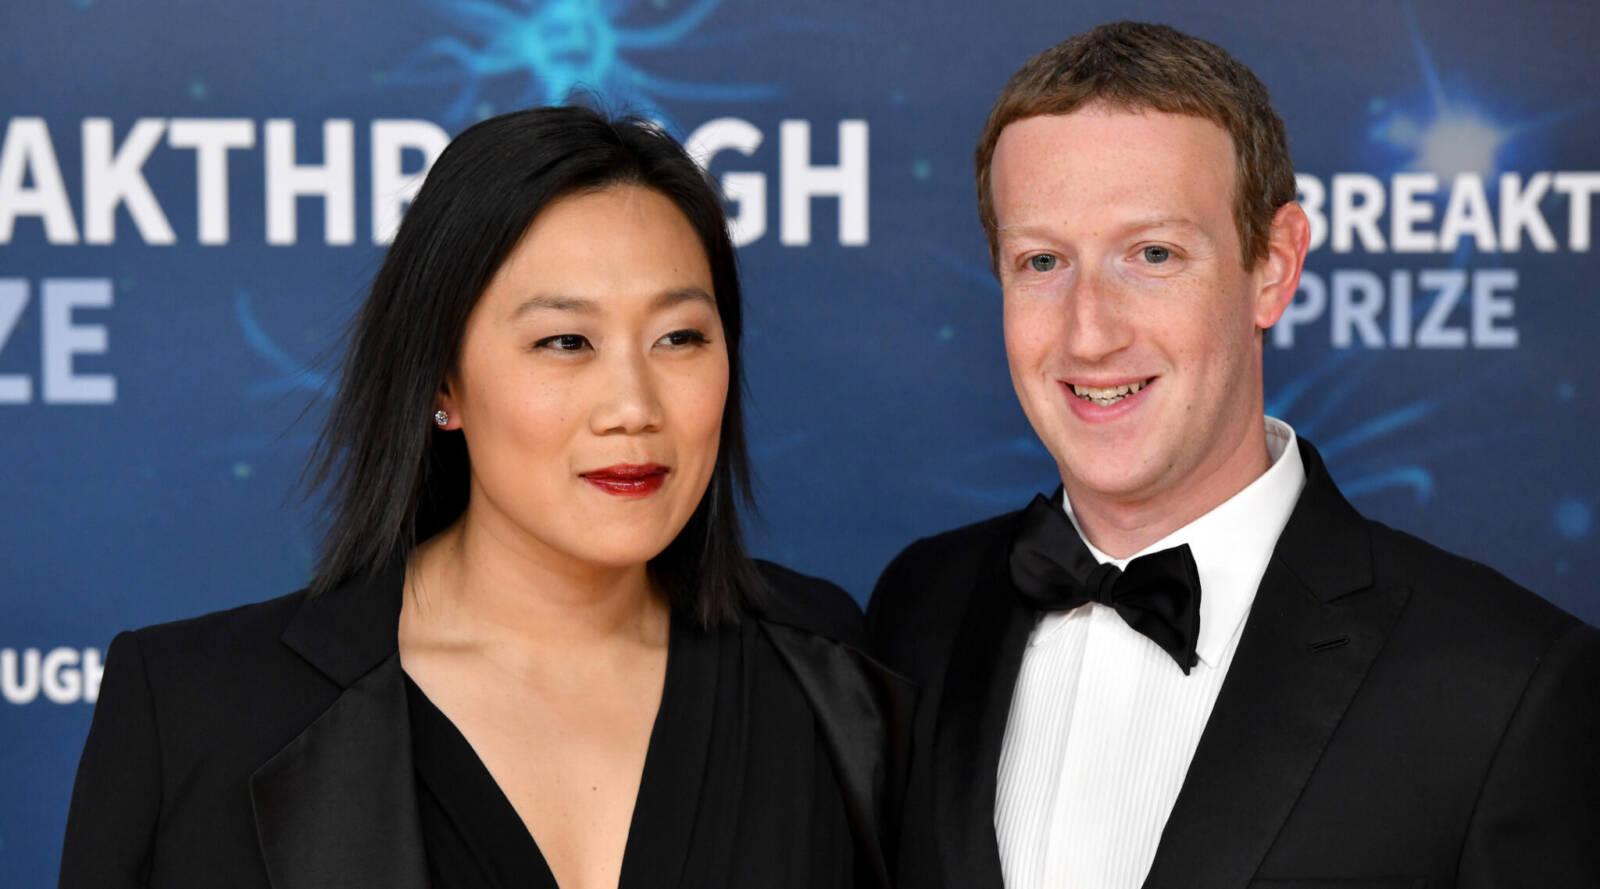 Közel 400 millió forintot adományoz Mark Zuckerberg zsidó közösségek támogatására – Kibic Magazin